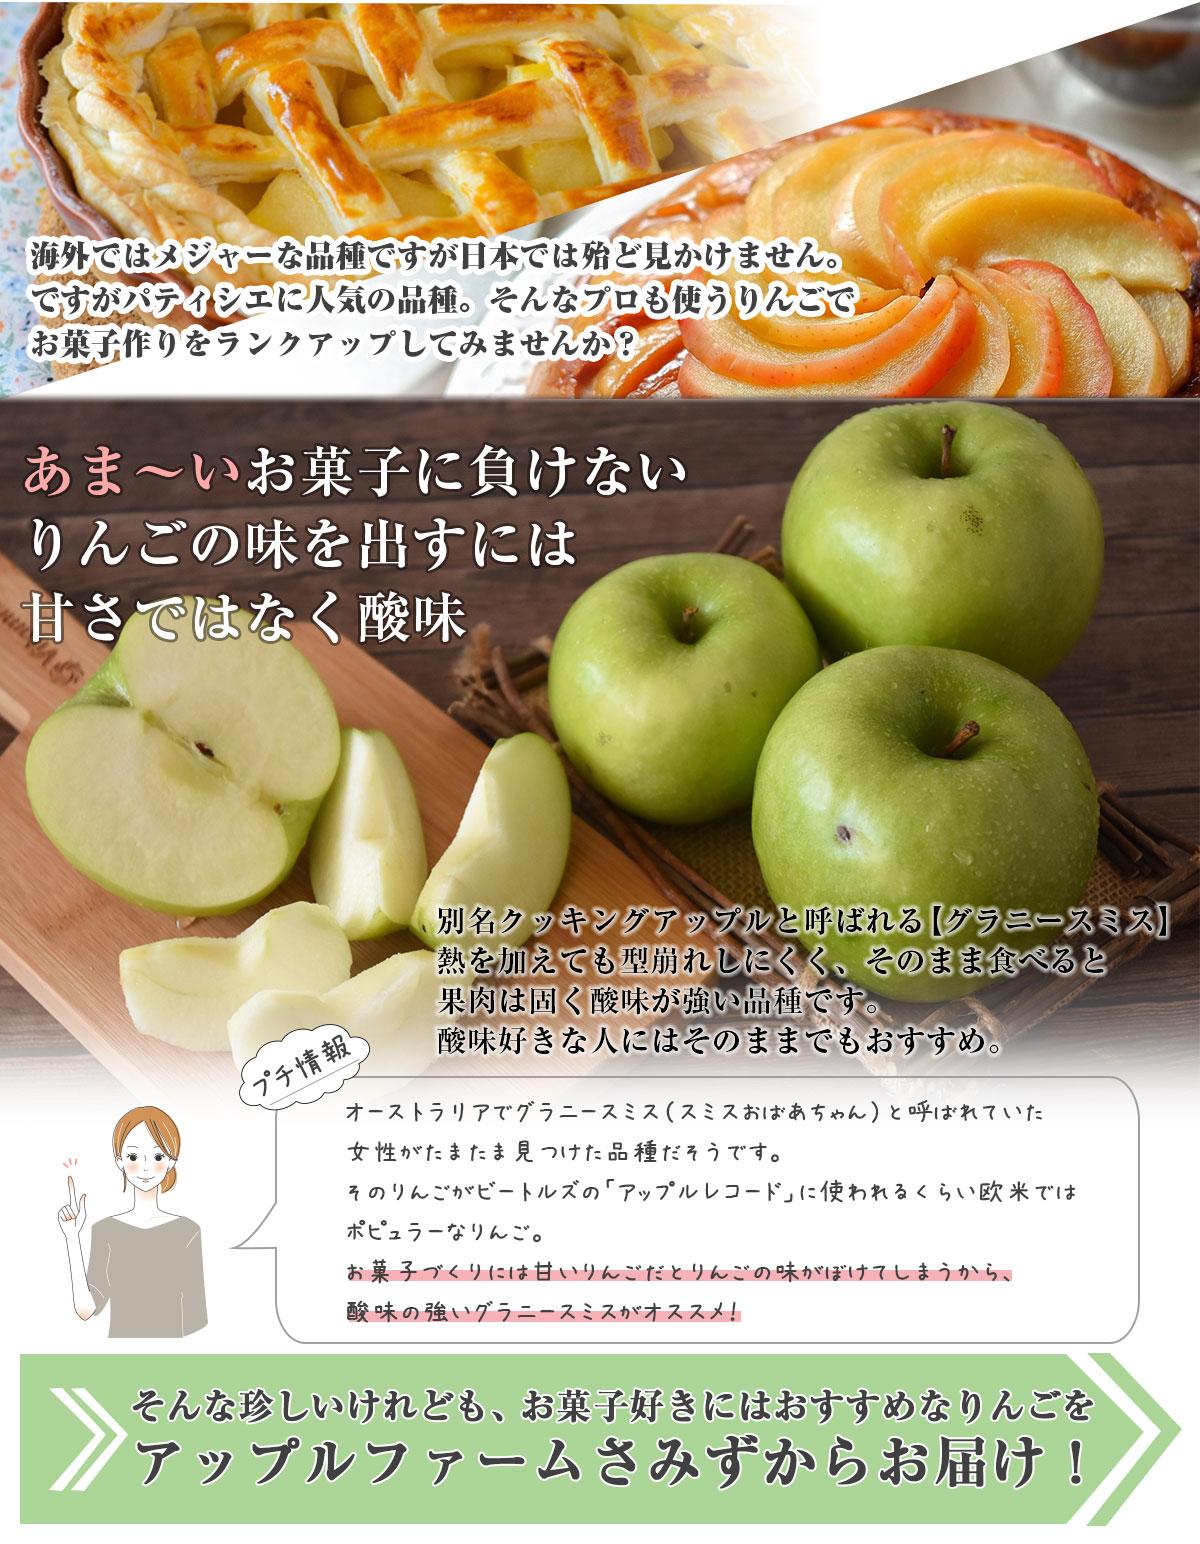 あまいお菓子に負けないりんごの味を出すには甘さではなく酸味